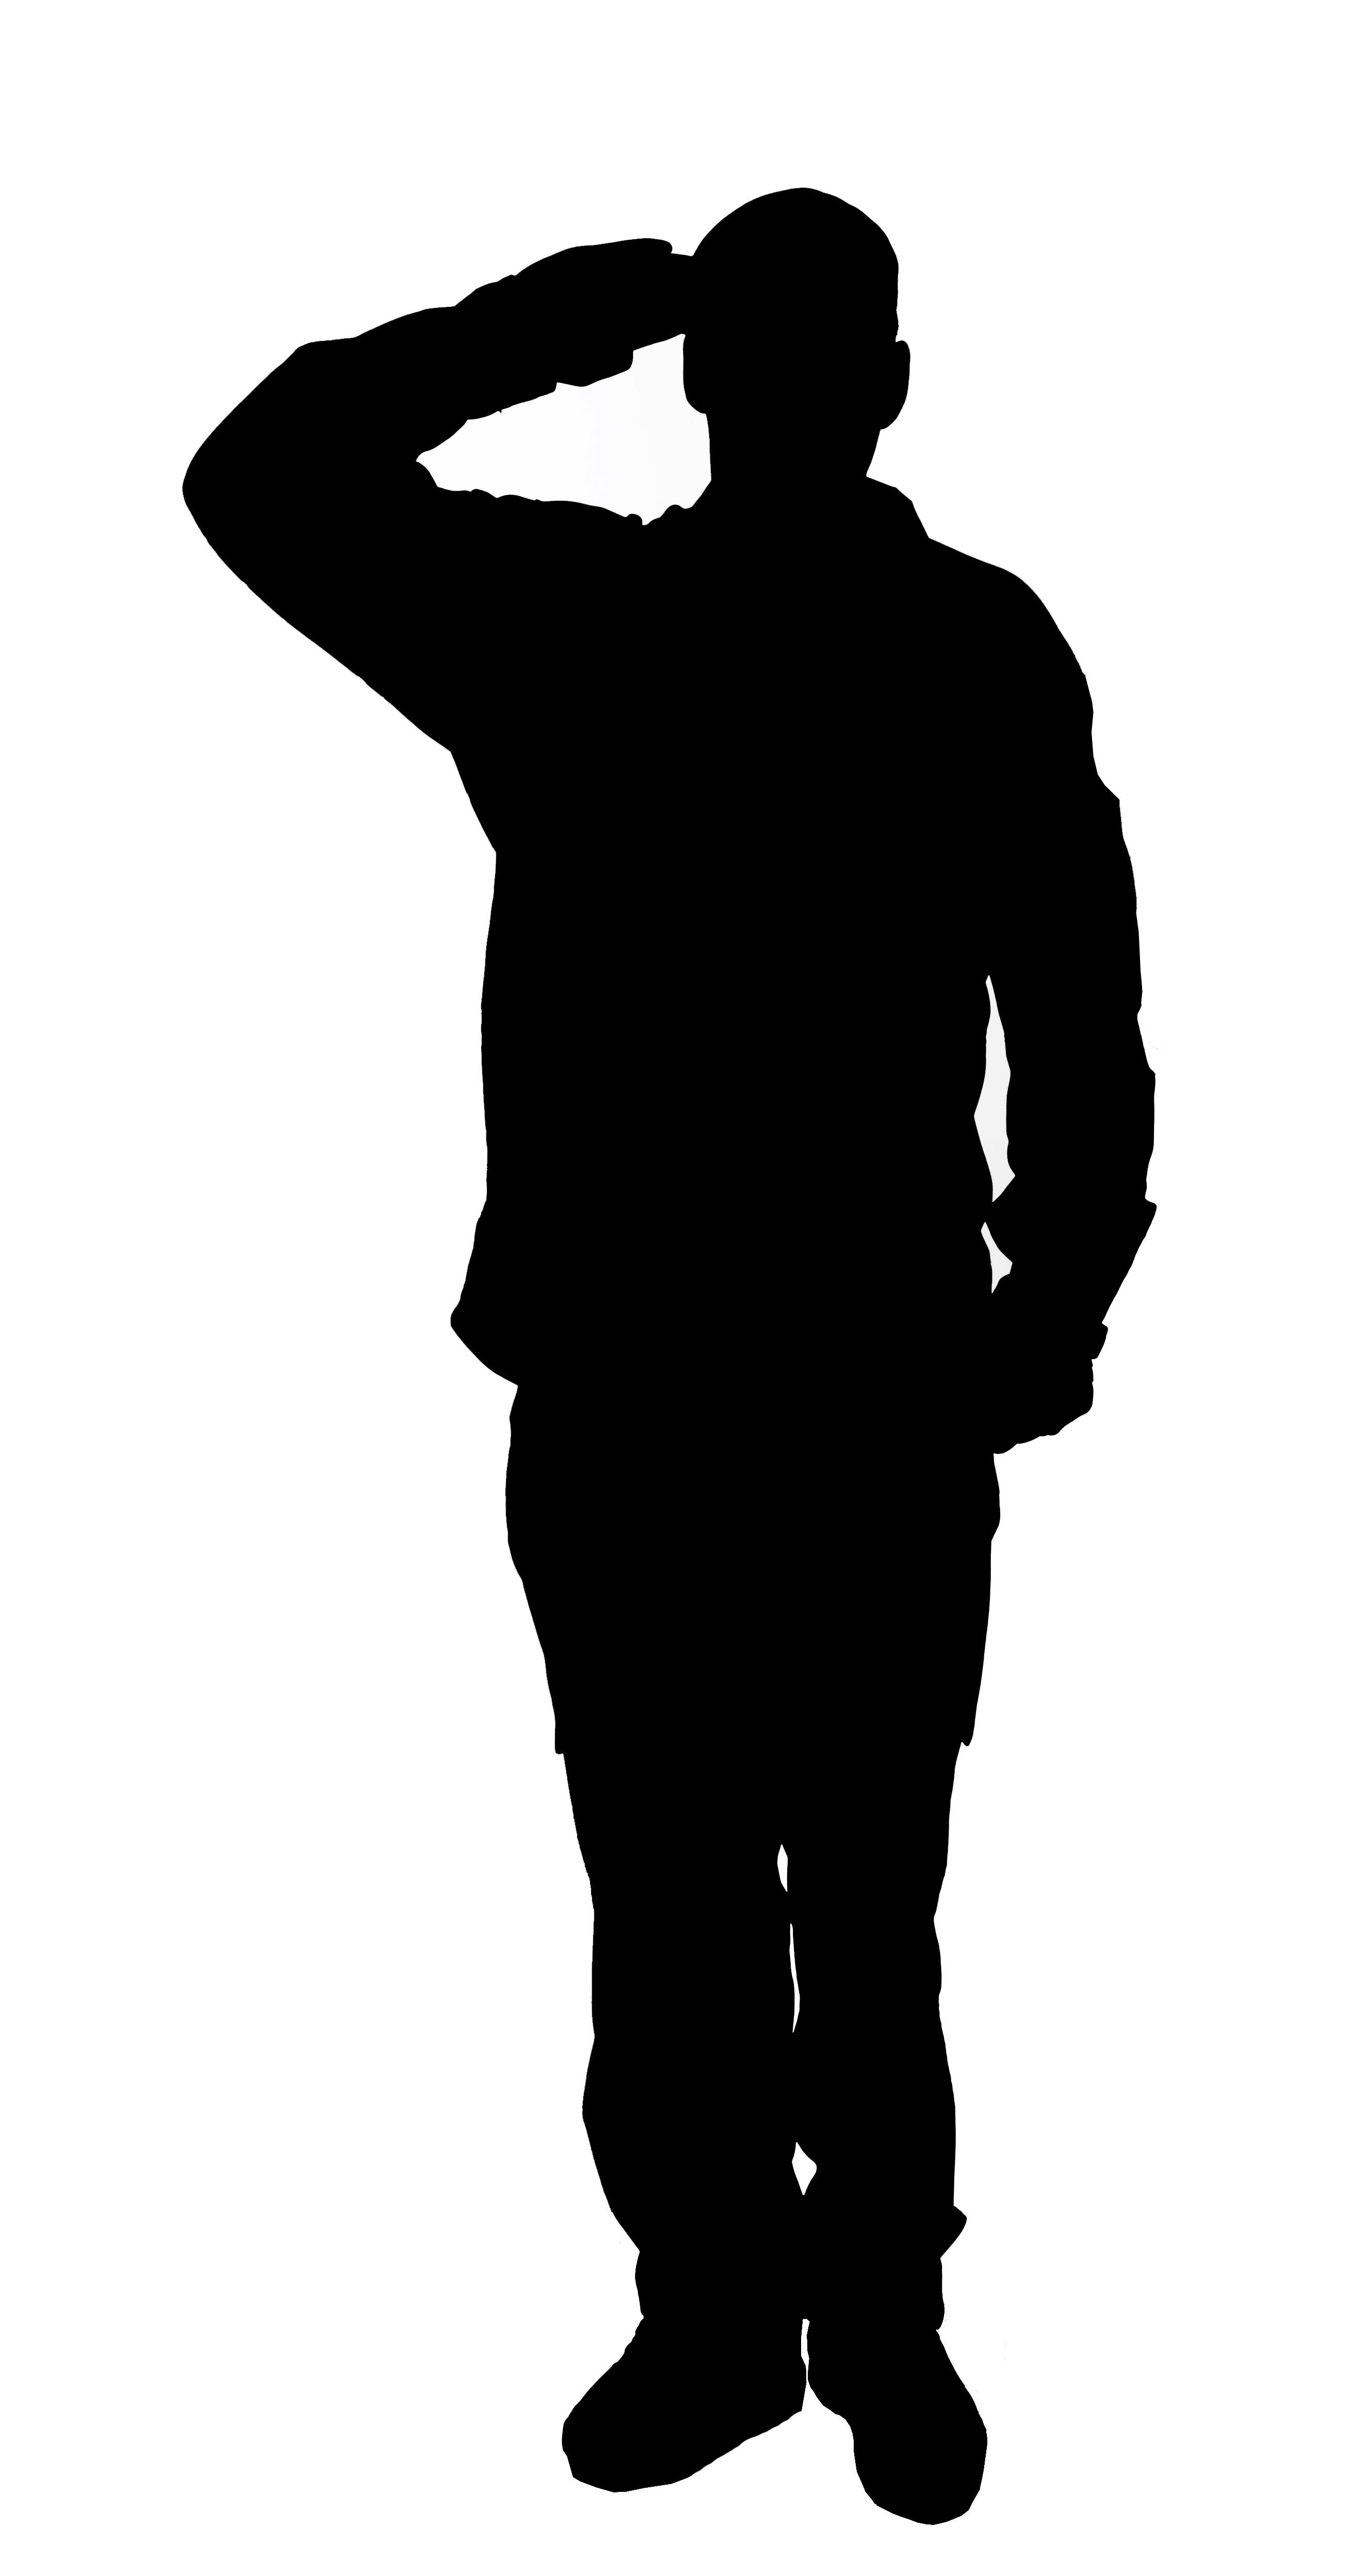 Sillhouette Soldier Clipart Best